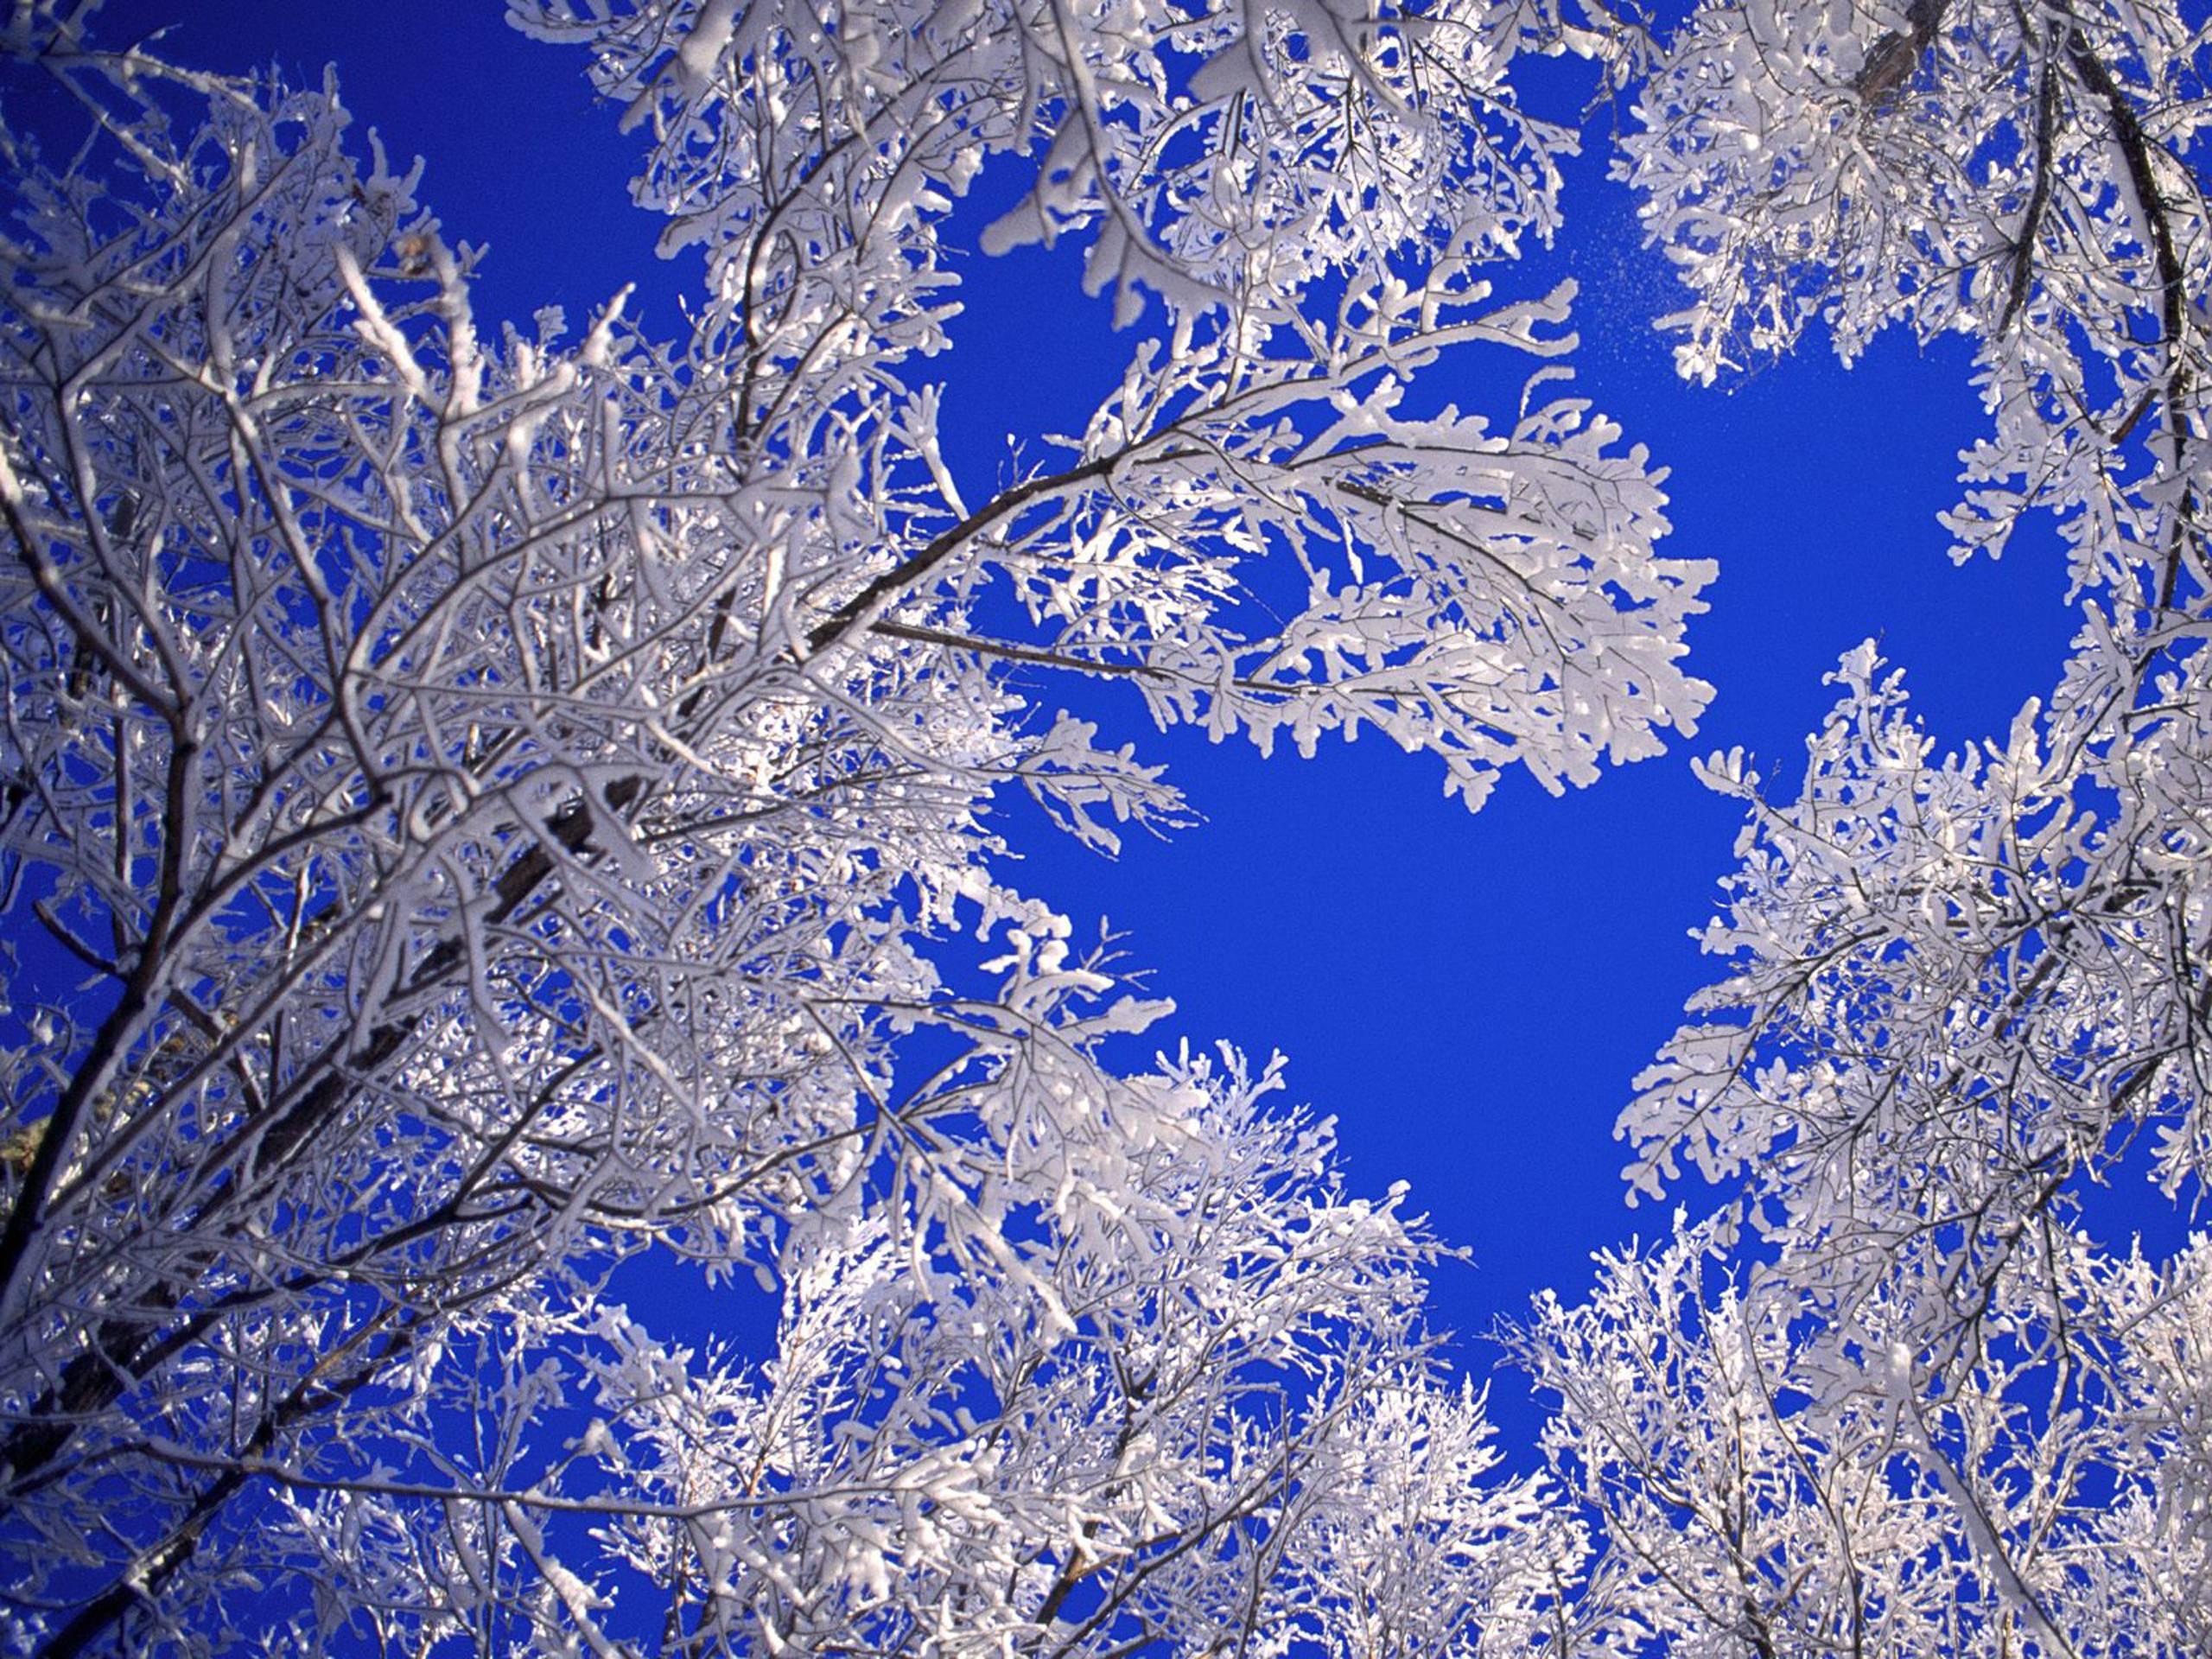 Desktop Wallpapers Winter Scenes - Wallpaper Cave